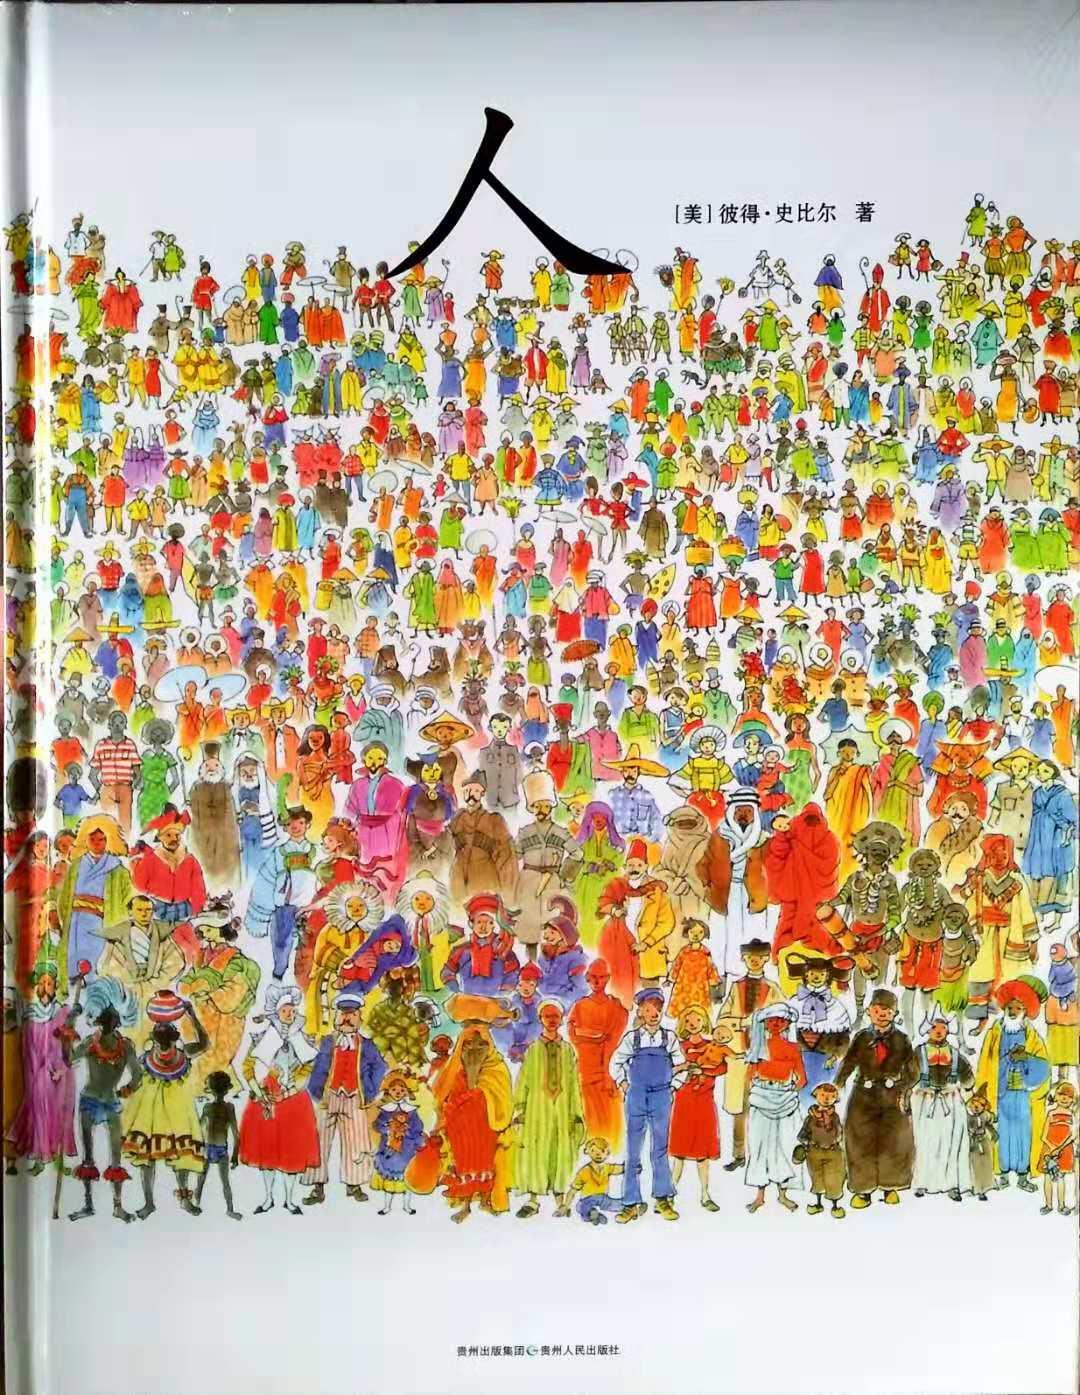 正版 人 精装硬壳 美国彼得 史比尔 李威翻译 贵州人民出版社知识图画故事绘本图画书美文图书商城幼儿亲子阅读儿童书籍系列小学生